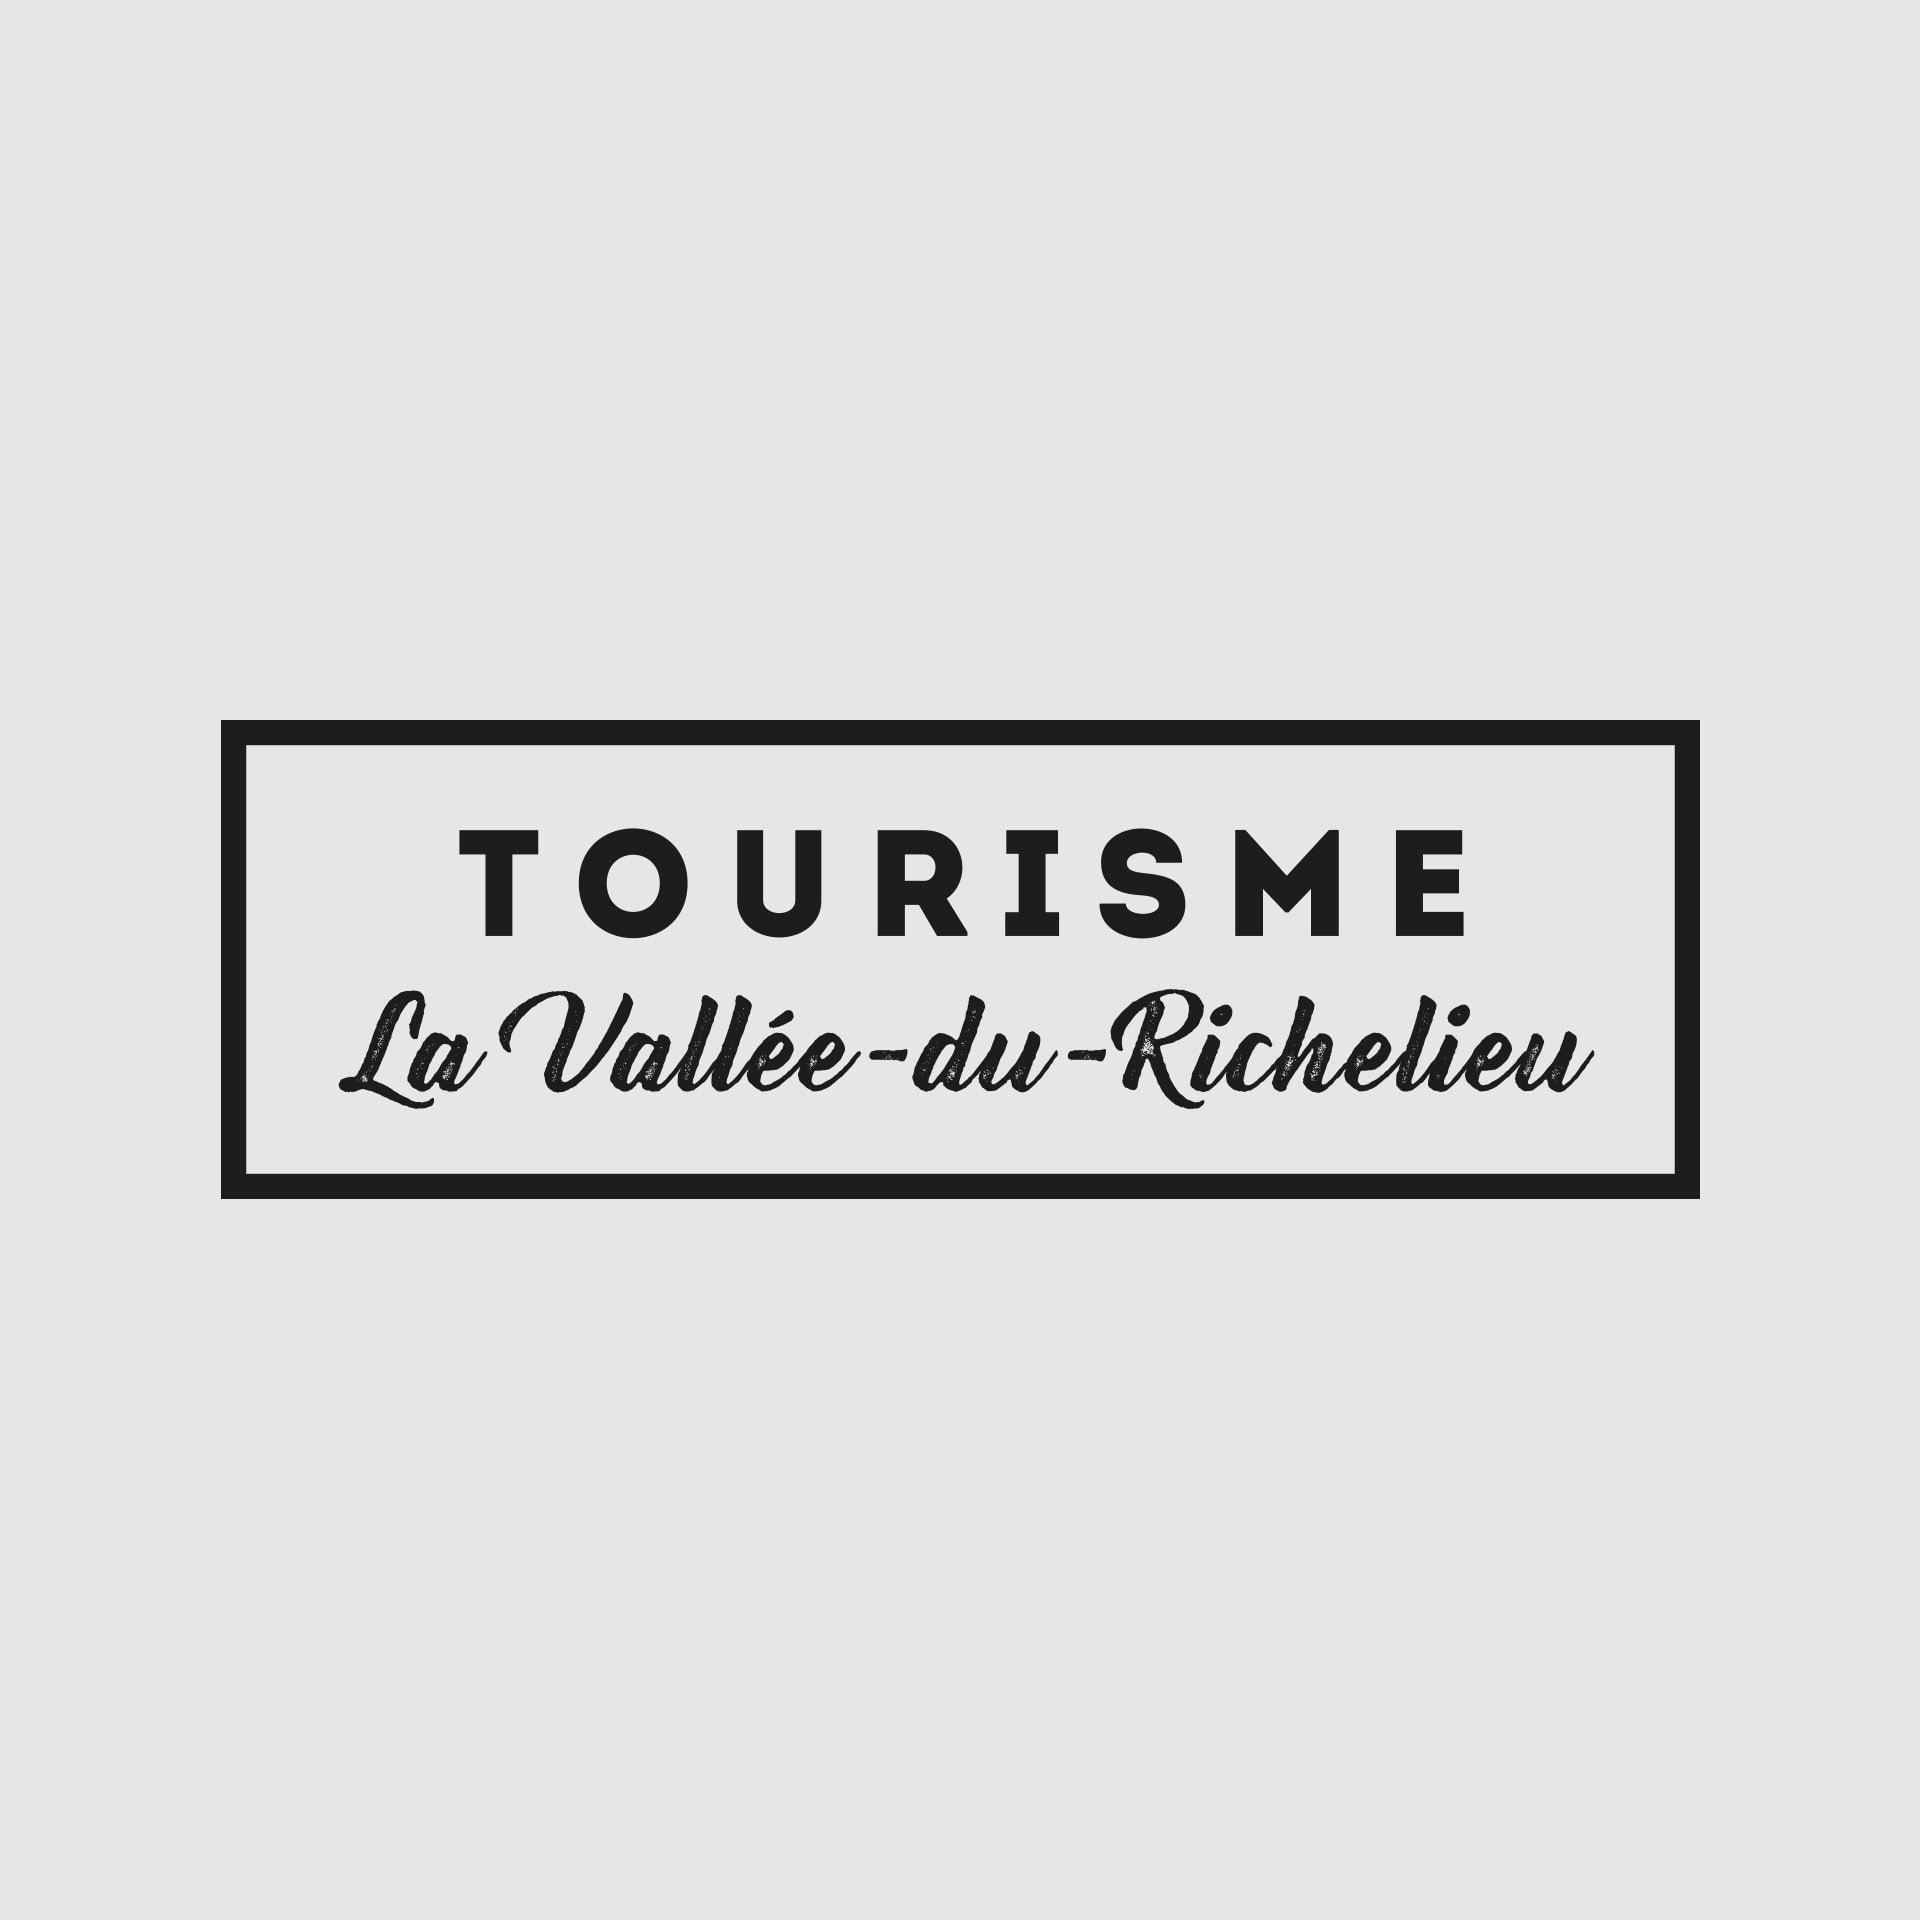 Logo Tourisme La-Vallée-du-Richelieu